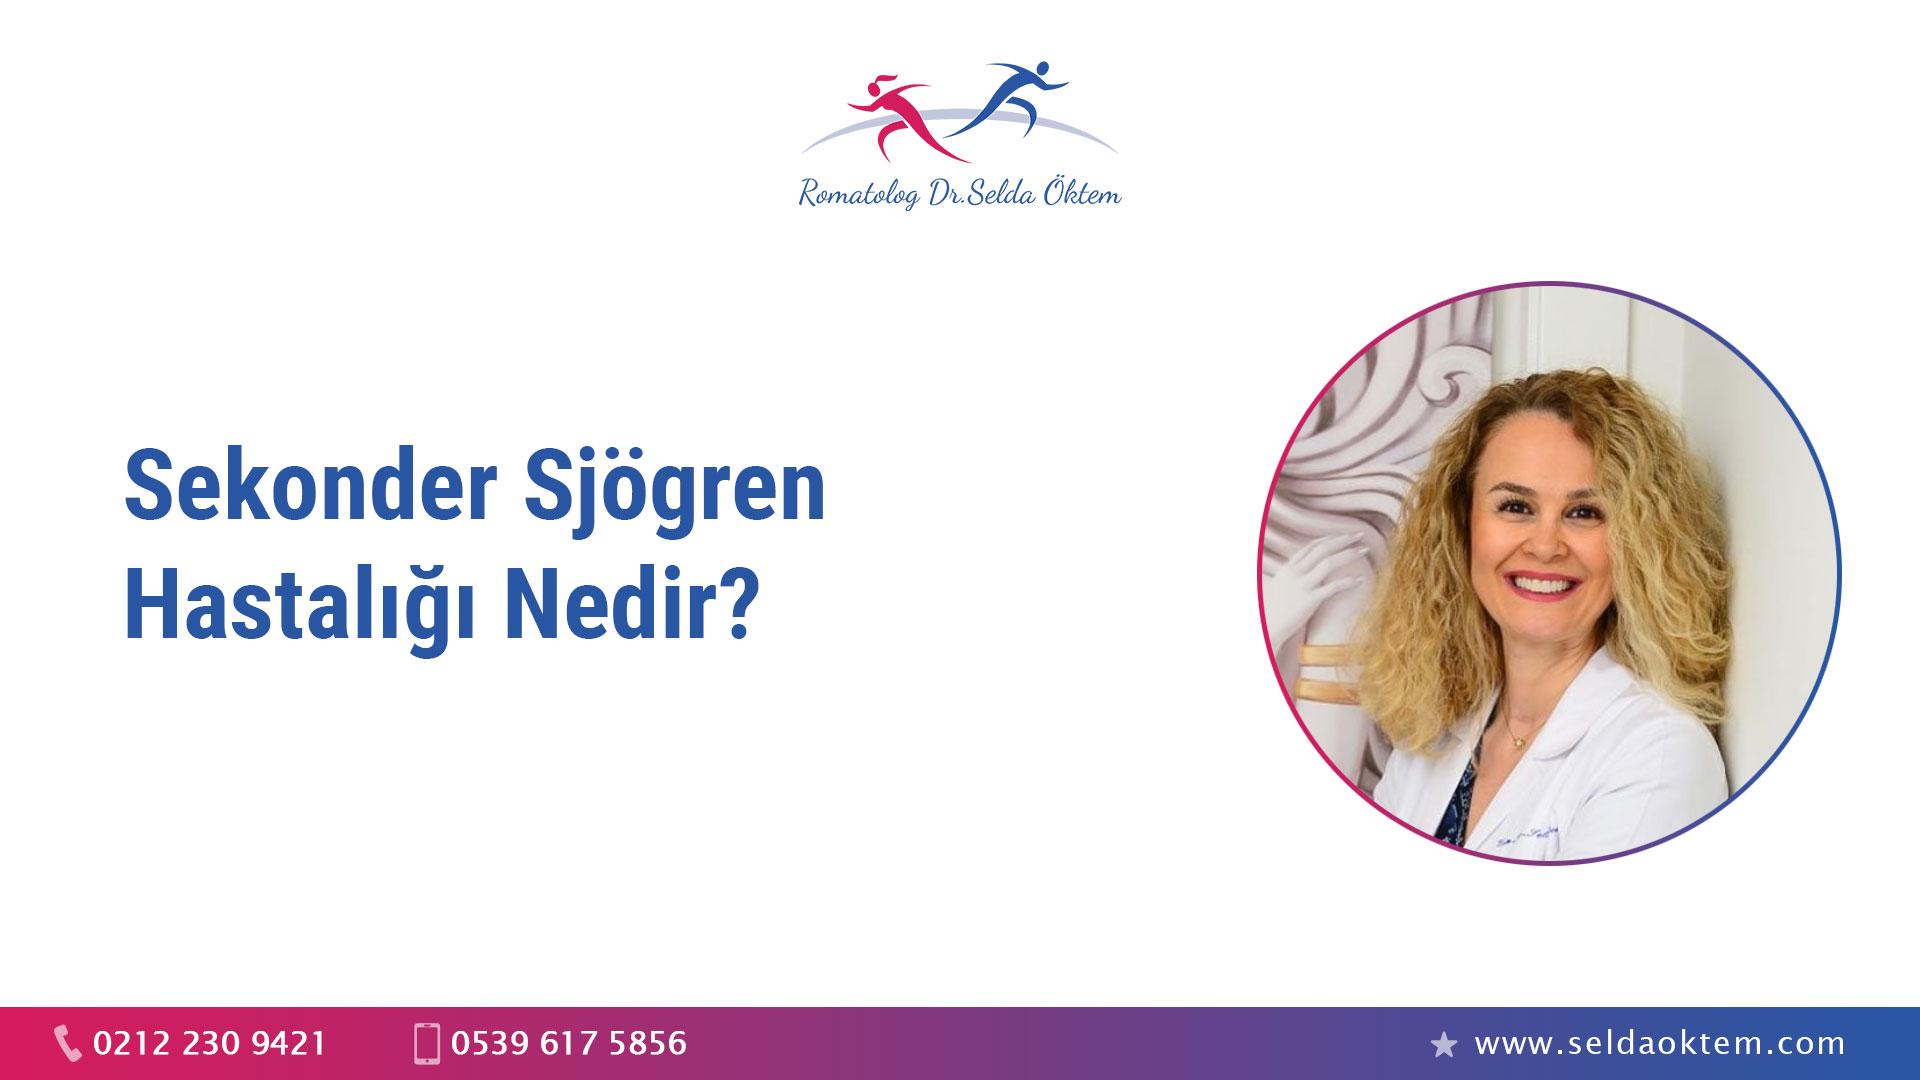 Sekonder Sjögren Hastalığı Nedir?